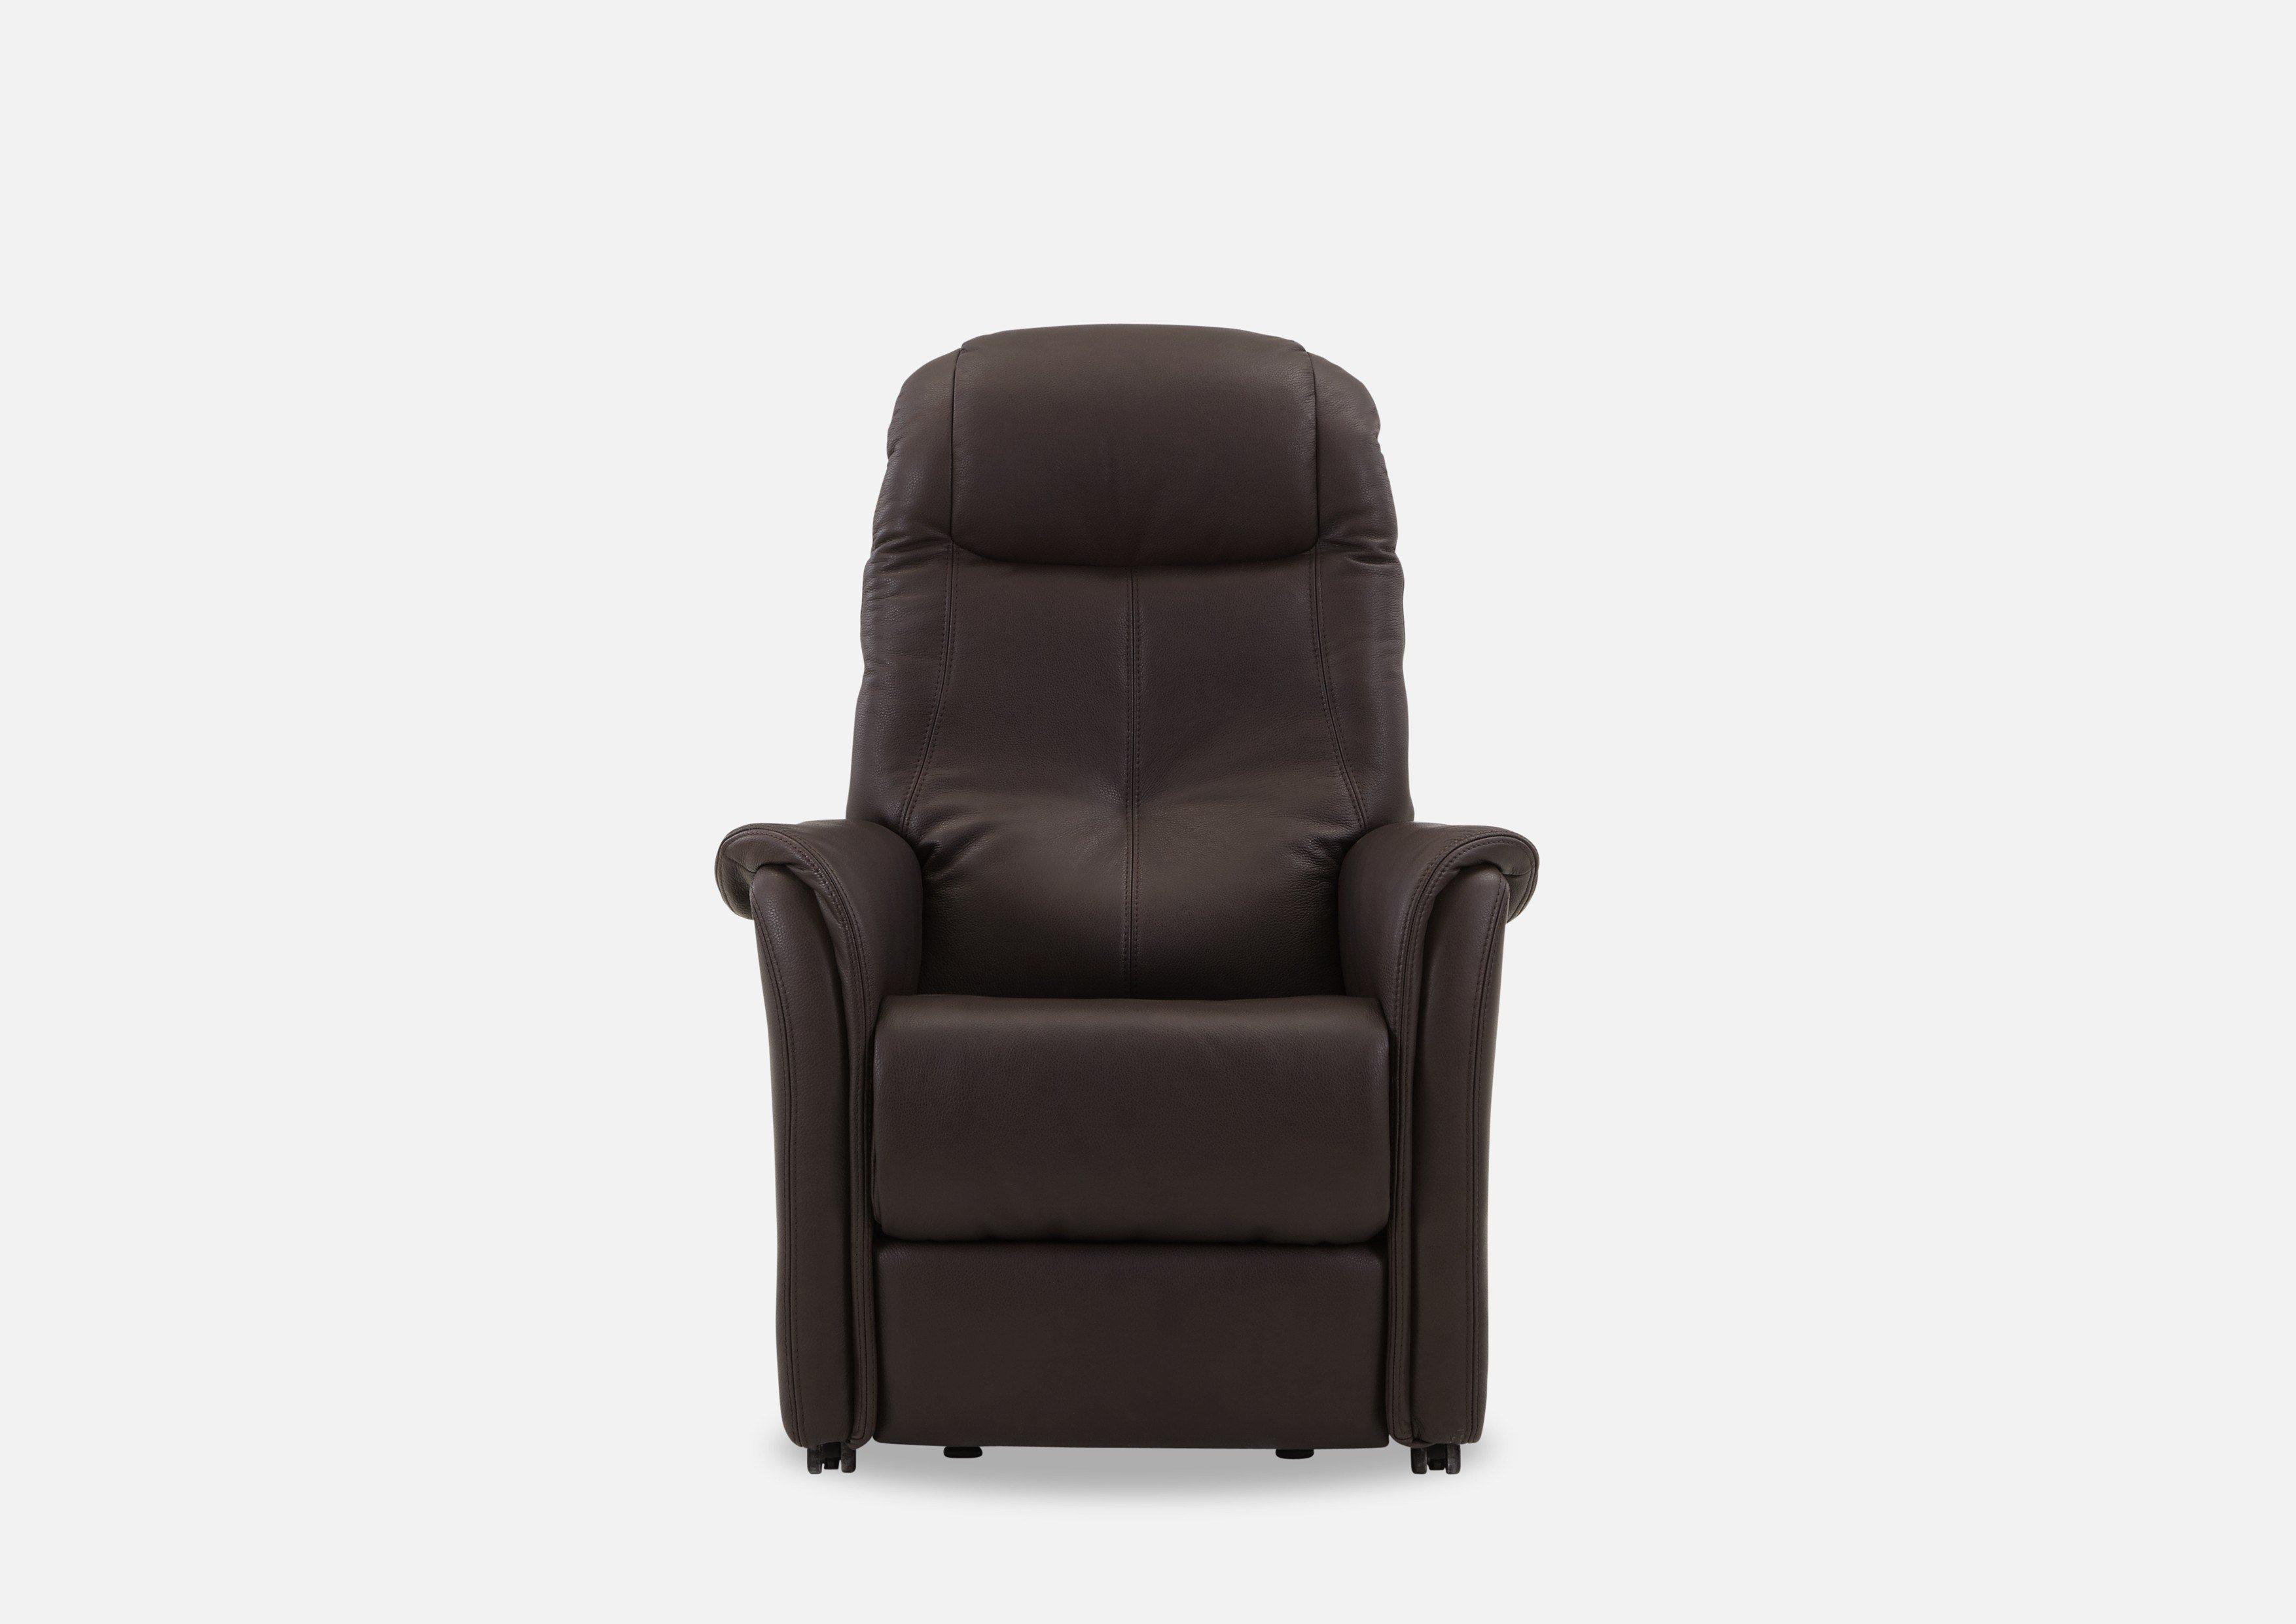 hukla ap06 tv sessel in braun m bel letz ihr online shop. Black Bedroom Furniture Sets. Home Design Ideas